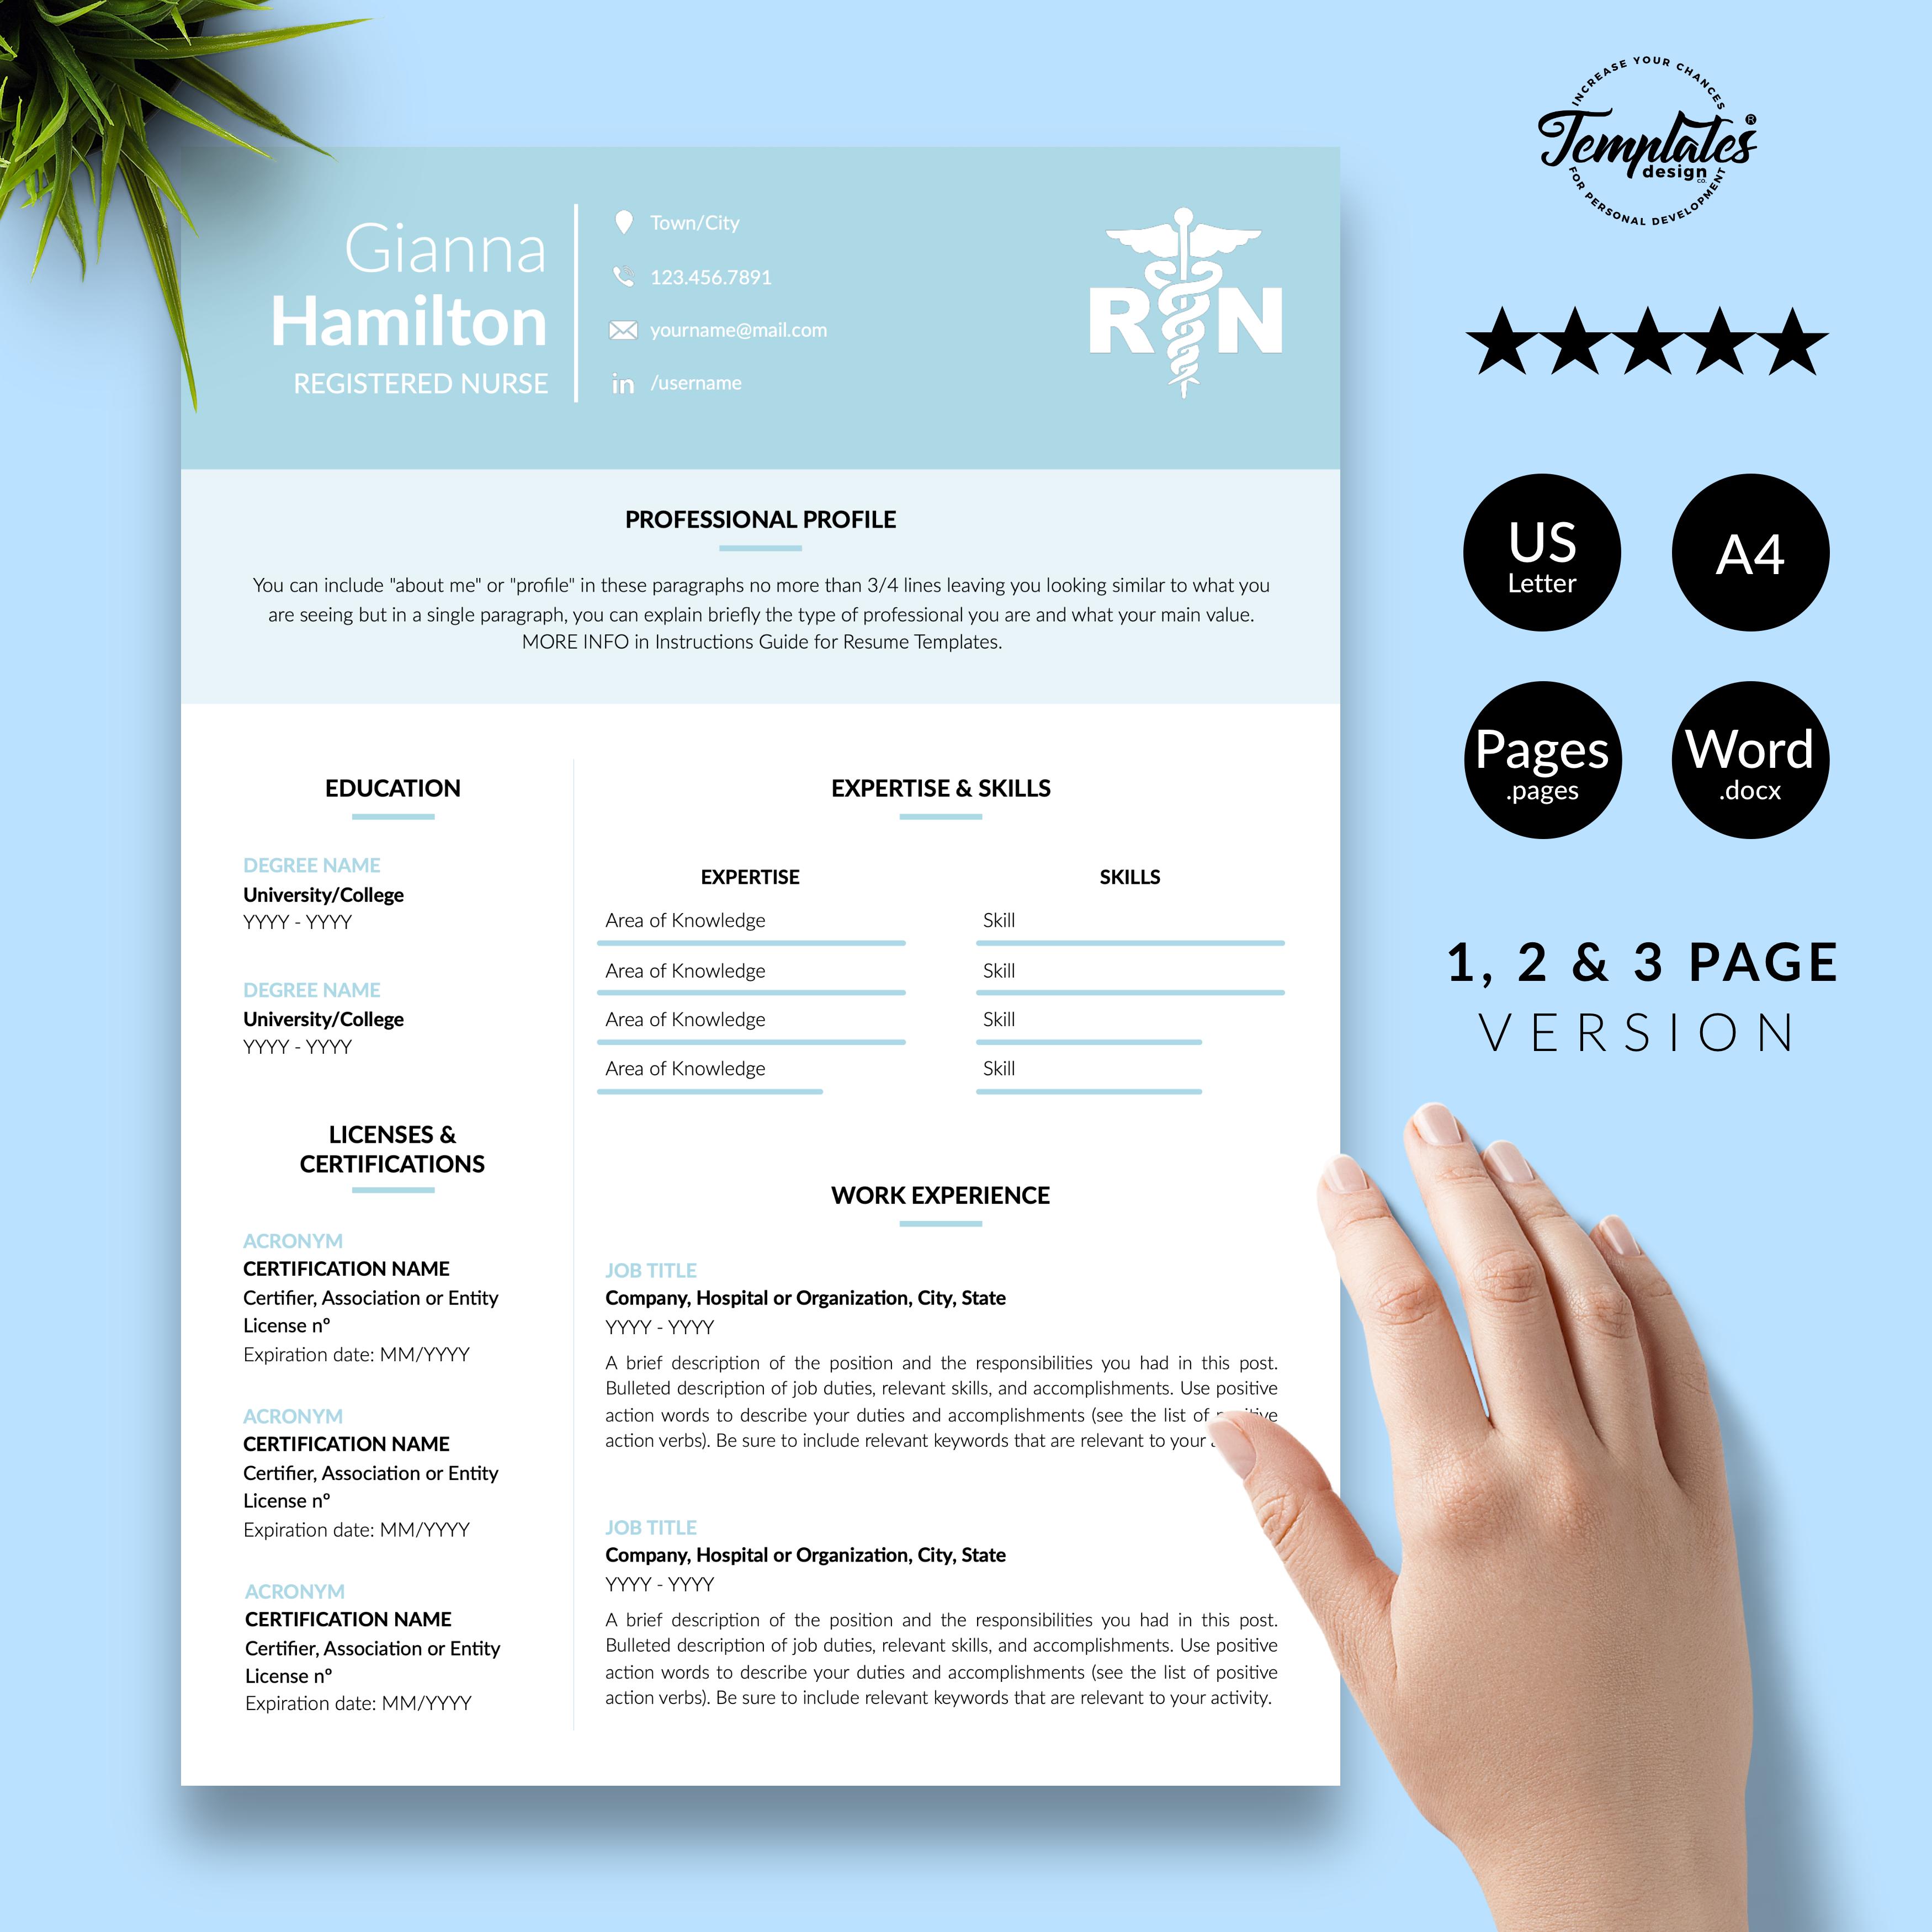 Registered Nurse Resume Template For Word Pages Nursing And Medical Resume Medical Nurse Graduate Cv Template Rn Resume Download Nursing Resume Template Cv Template Reference Letter Template